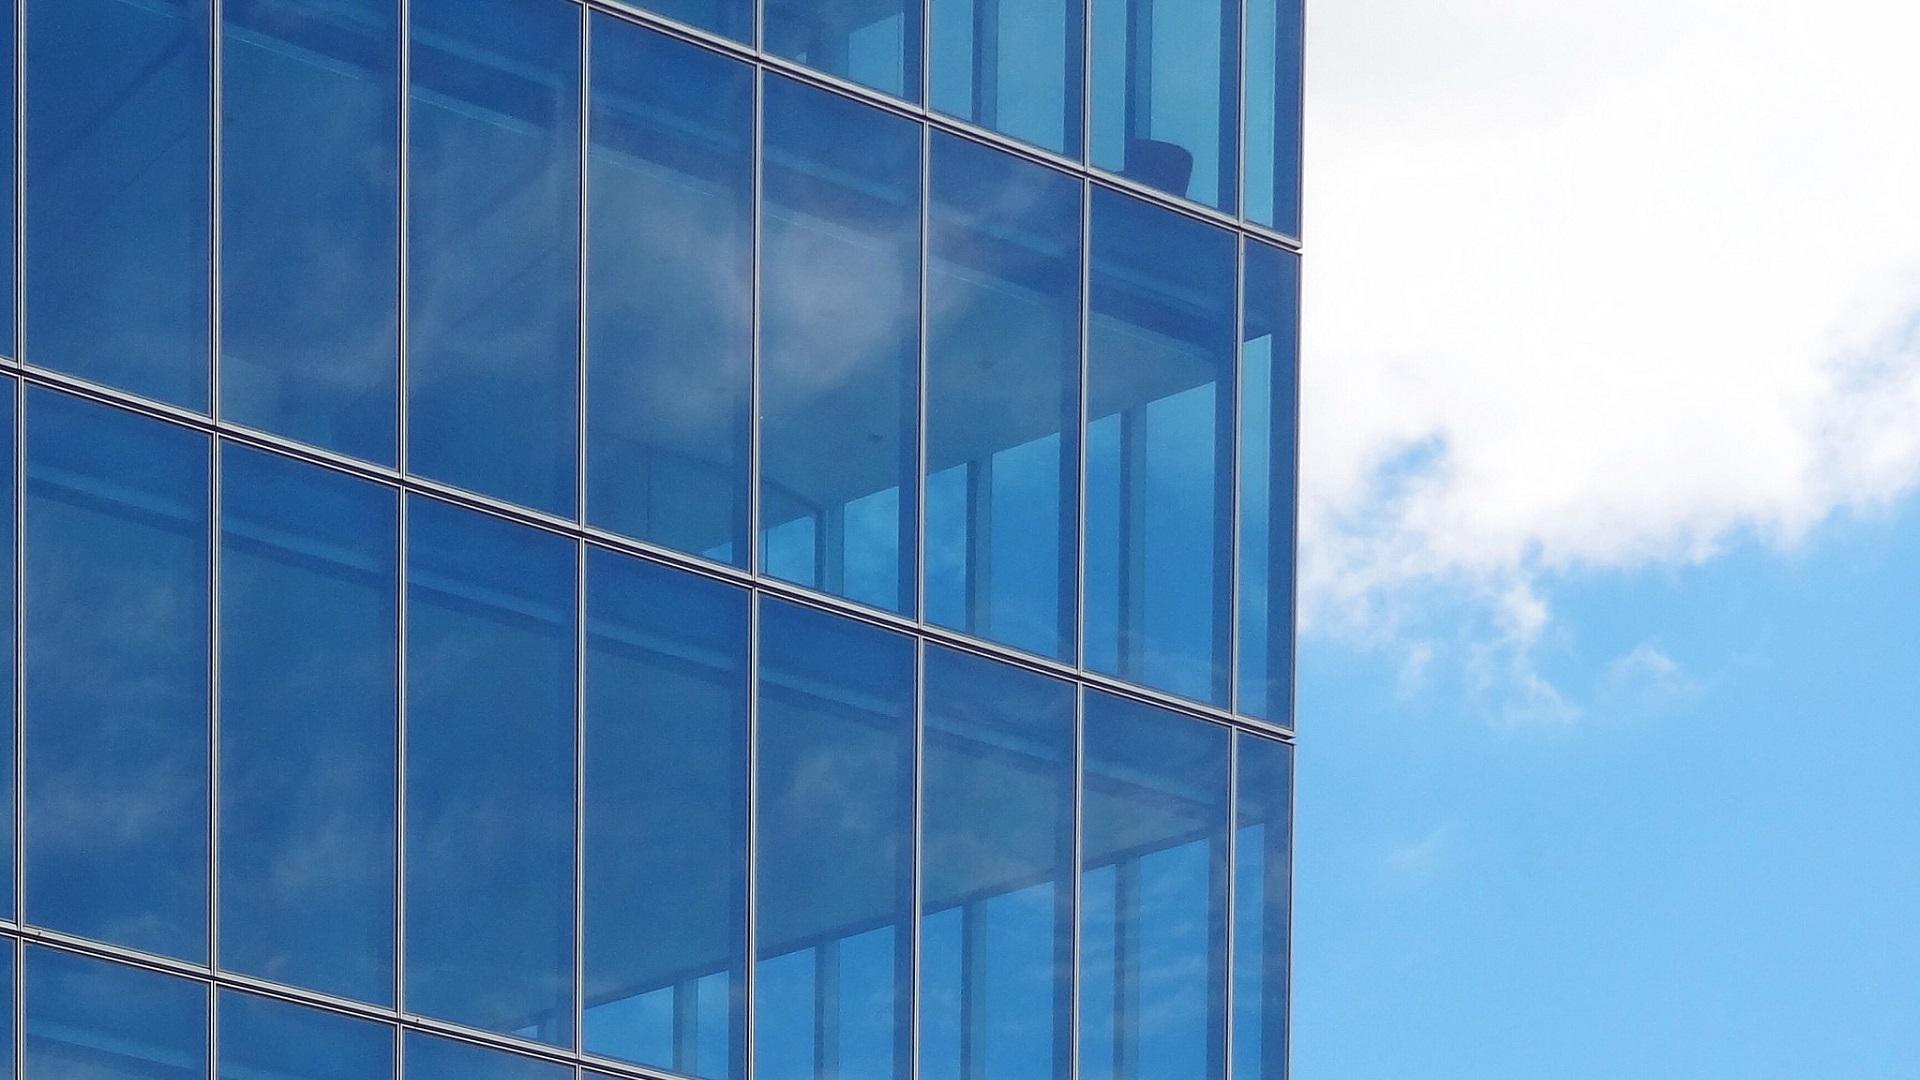 El MIT ha creado ventanas capaces de reflejar el calor del sol